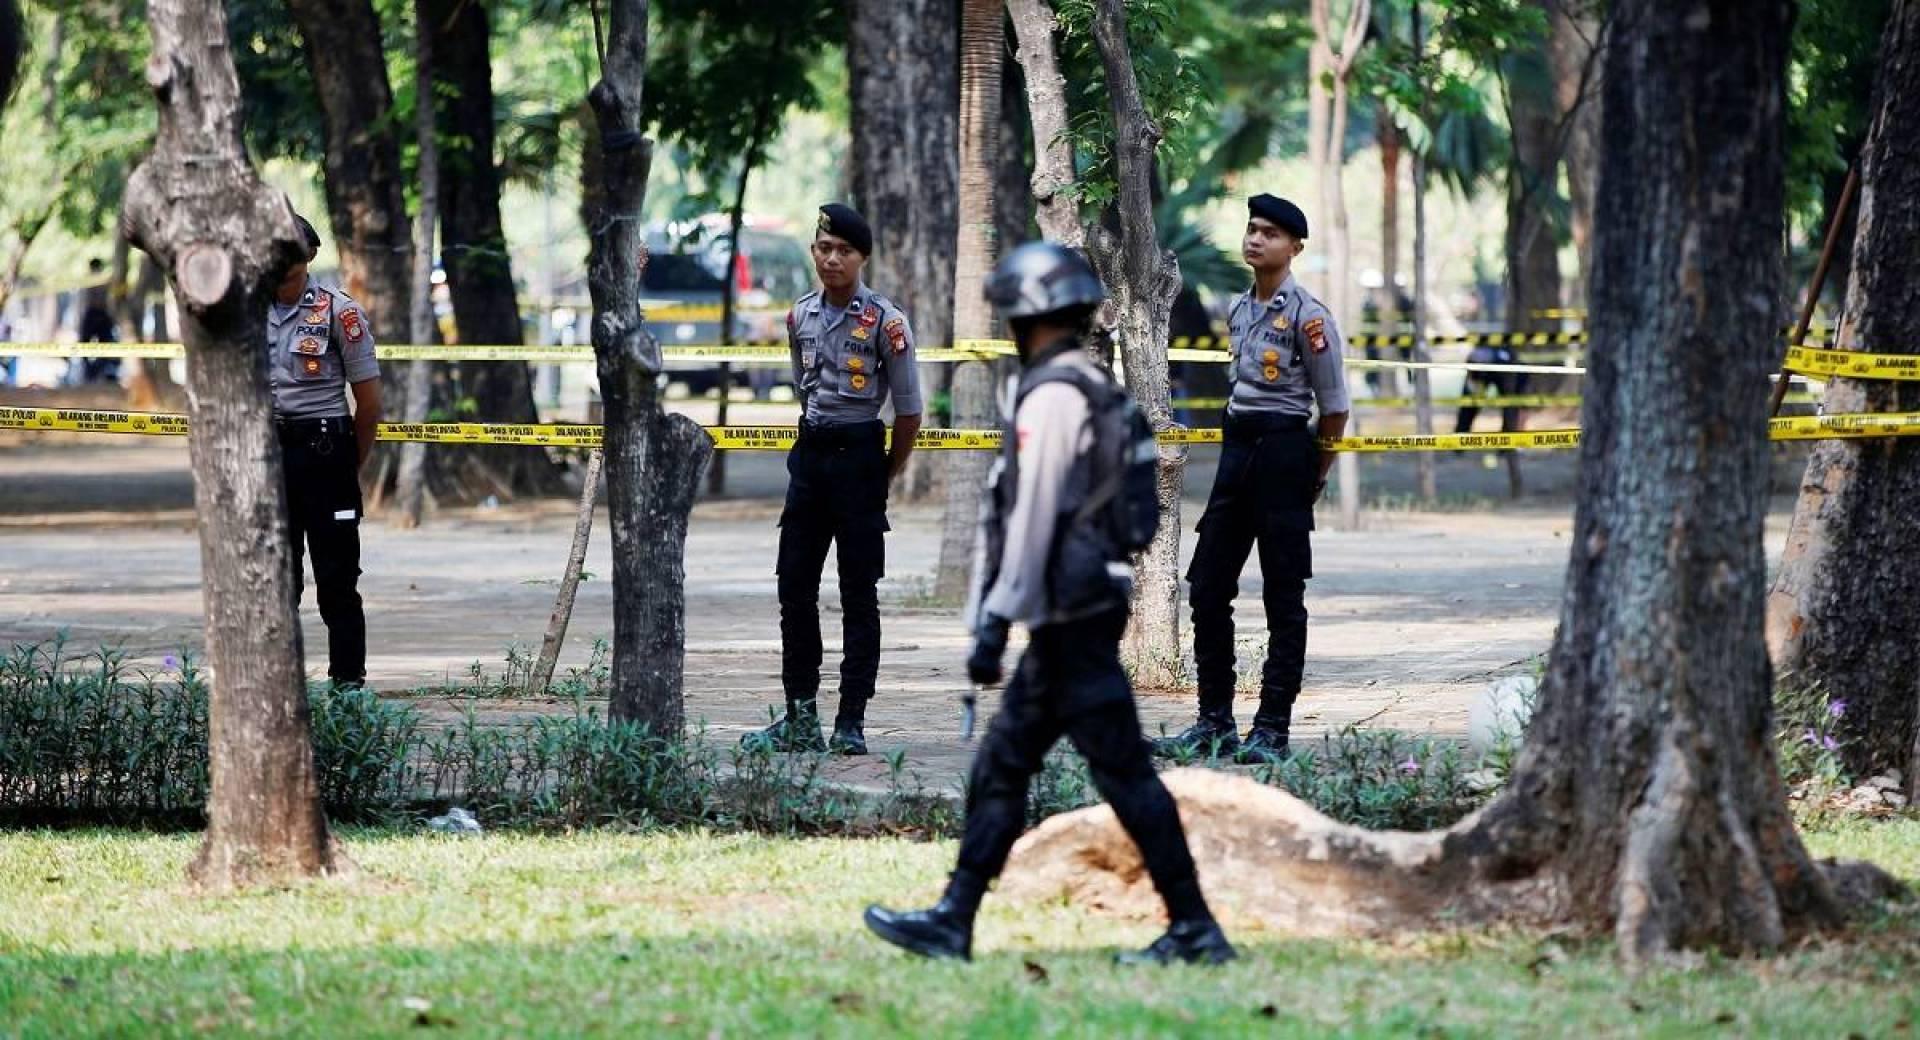 إصابة جنديين جراء انفجار في وسط العاصمة الإندونيسية قرب قصر الرئاسة